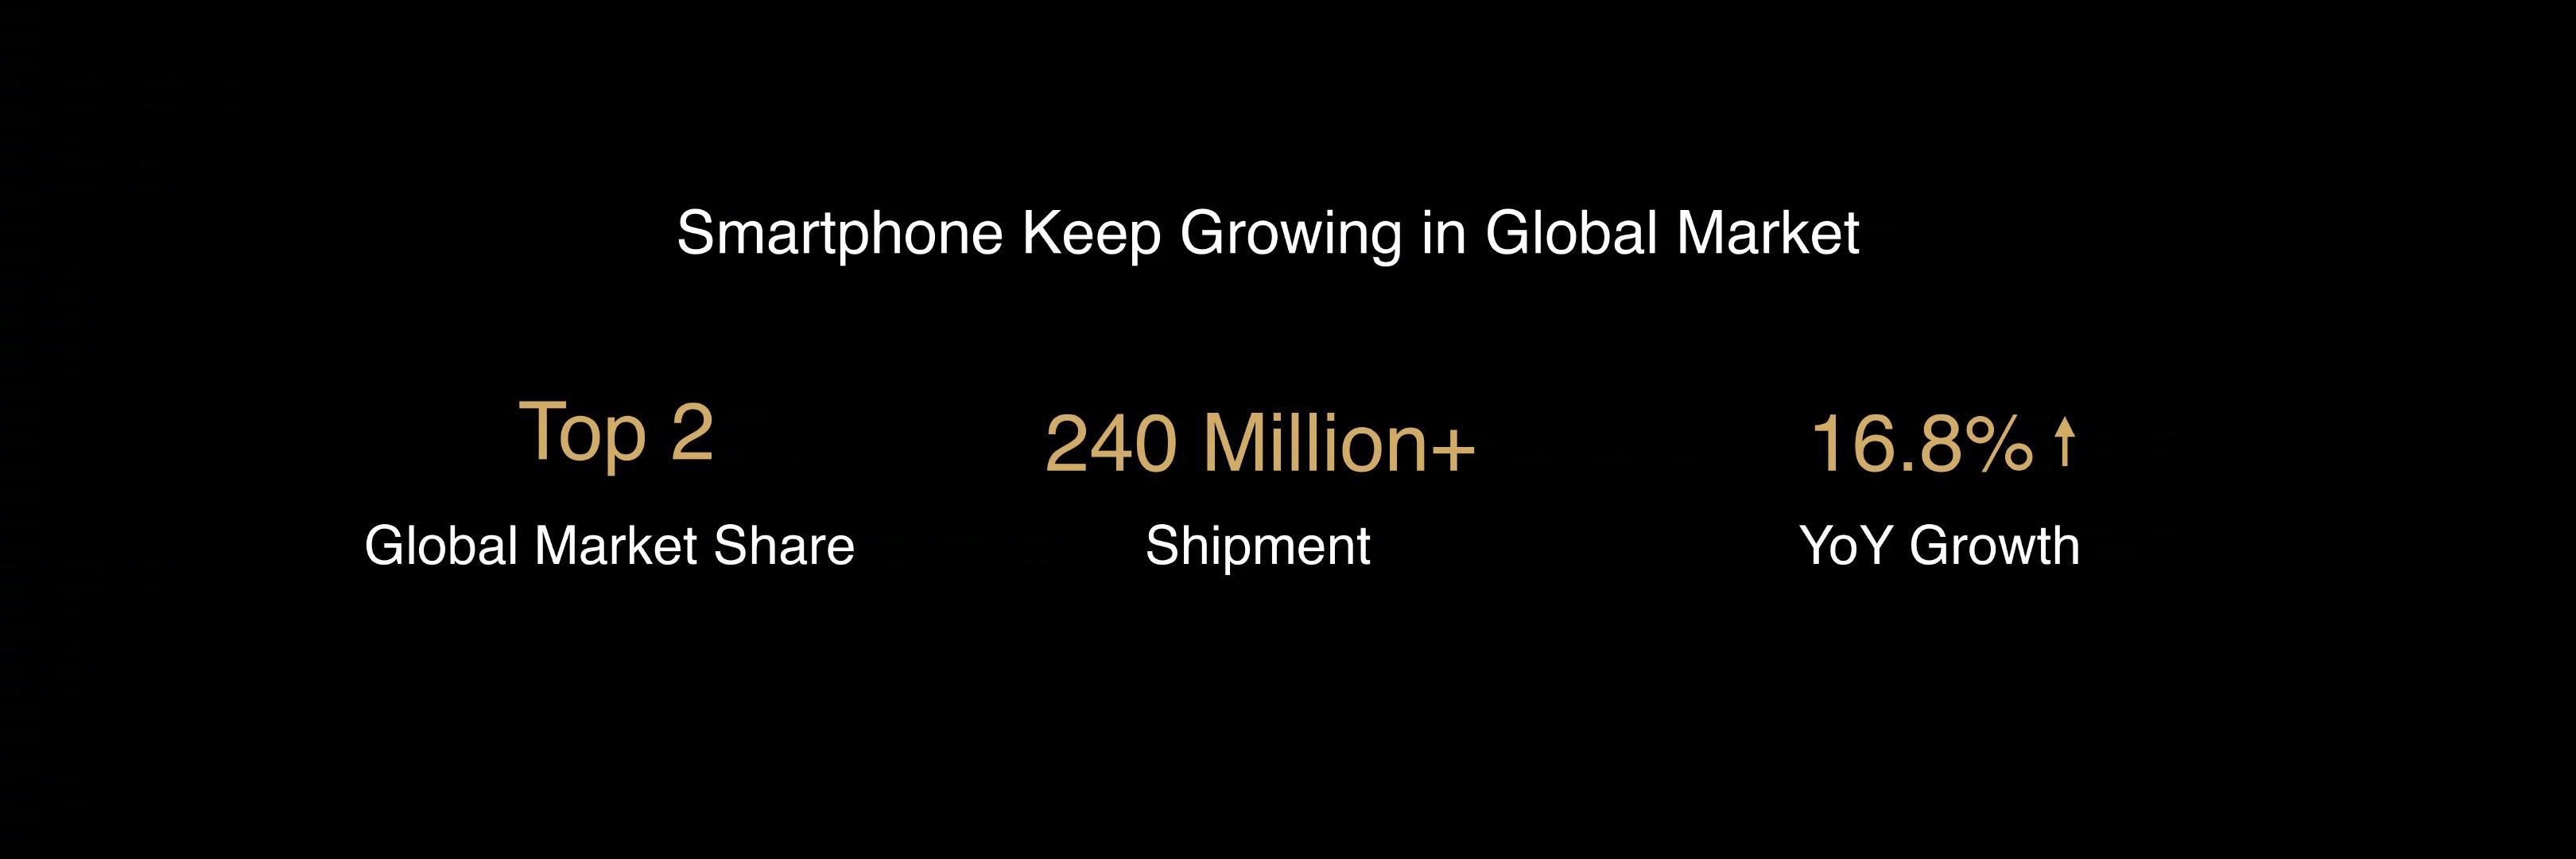 华为2019年收入8500亿元 5G手机出货量超过1000万台插图(1)